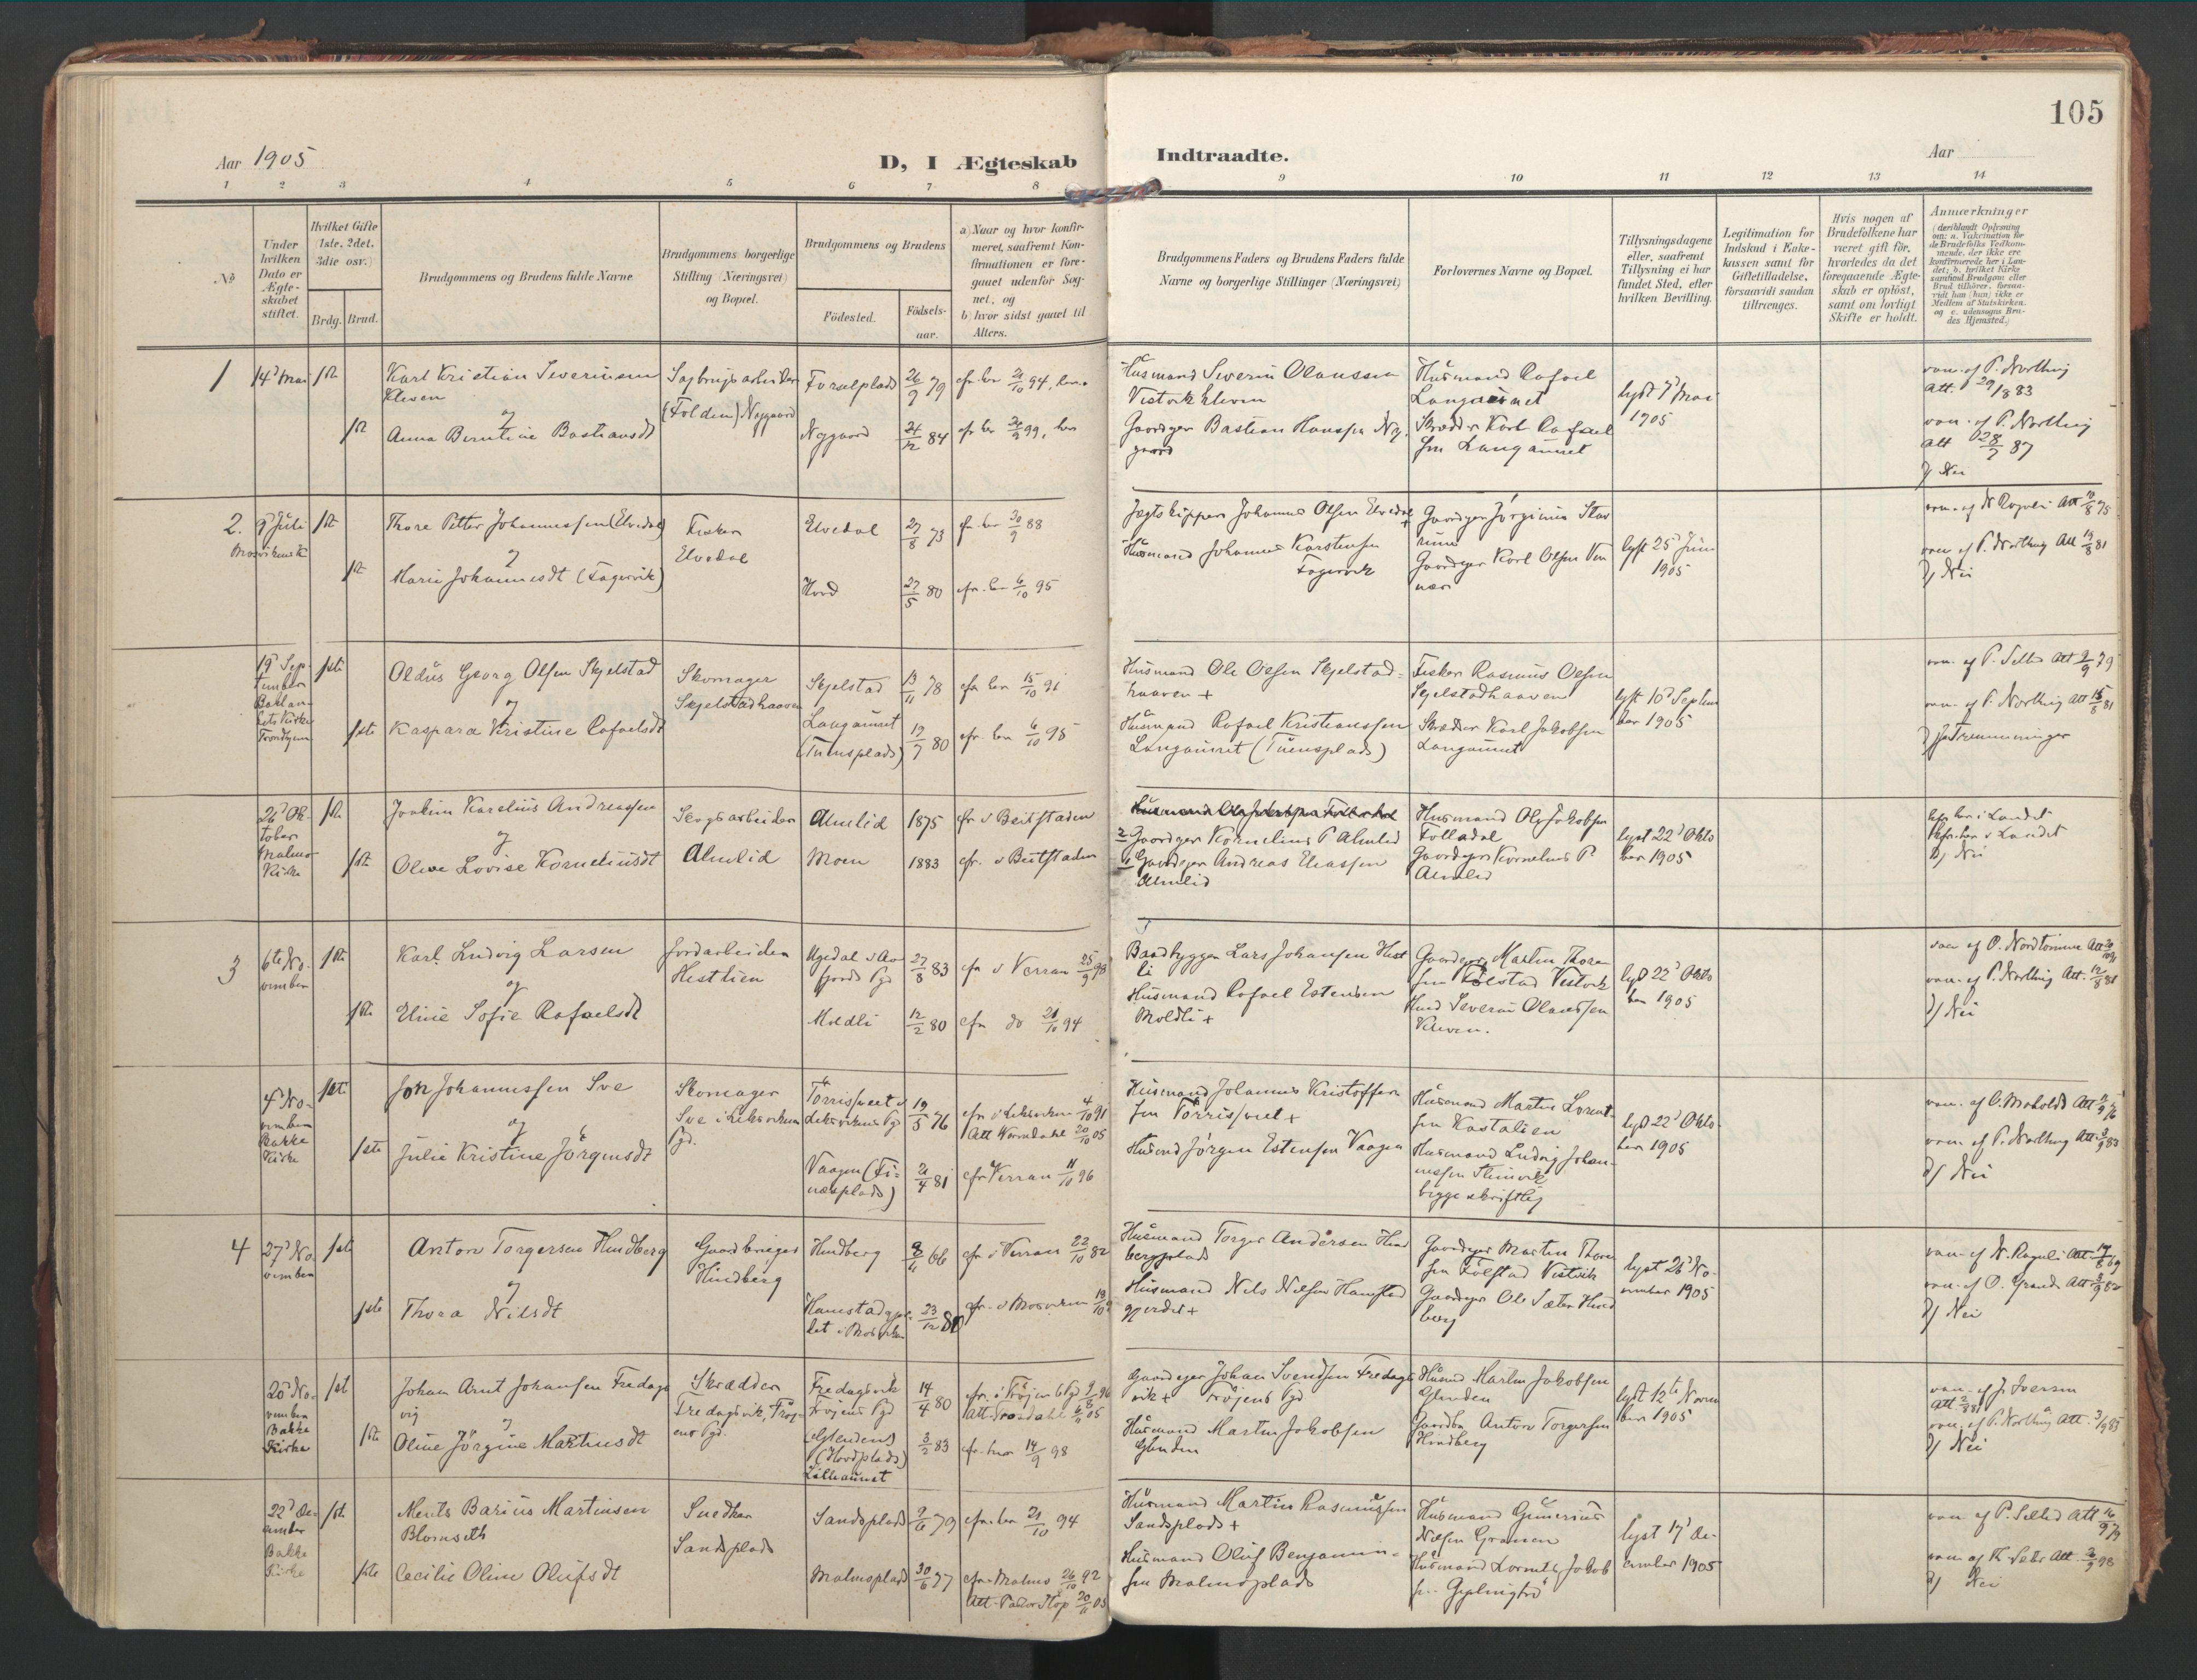 SAT, Ministerialprotokoller, klokkerbøker og fødselsregistre - Nord-Trøndelag, 744/L0421: Ministerialbok nr. 744A05, 1905-1930, s. 105